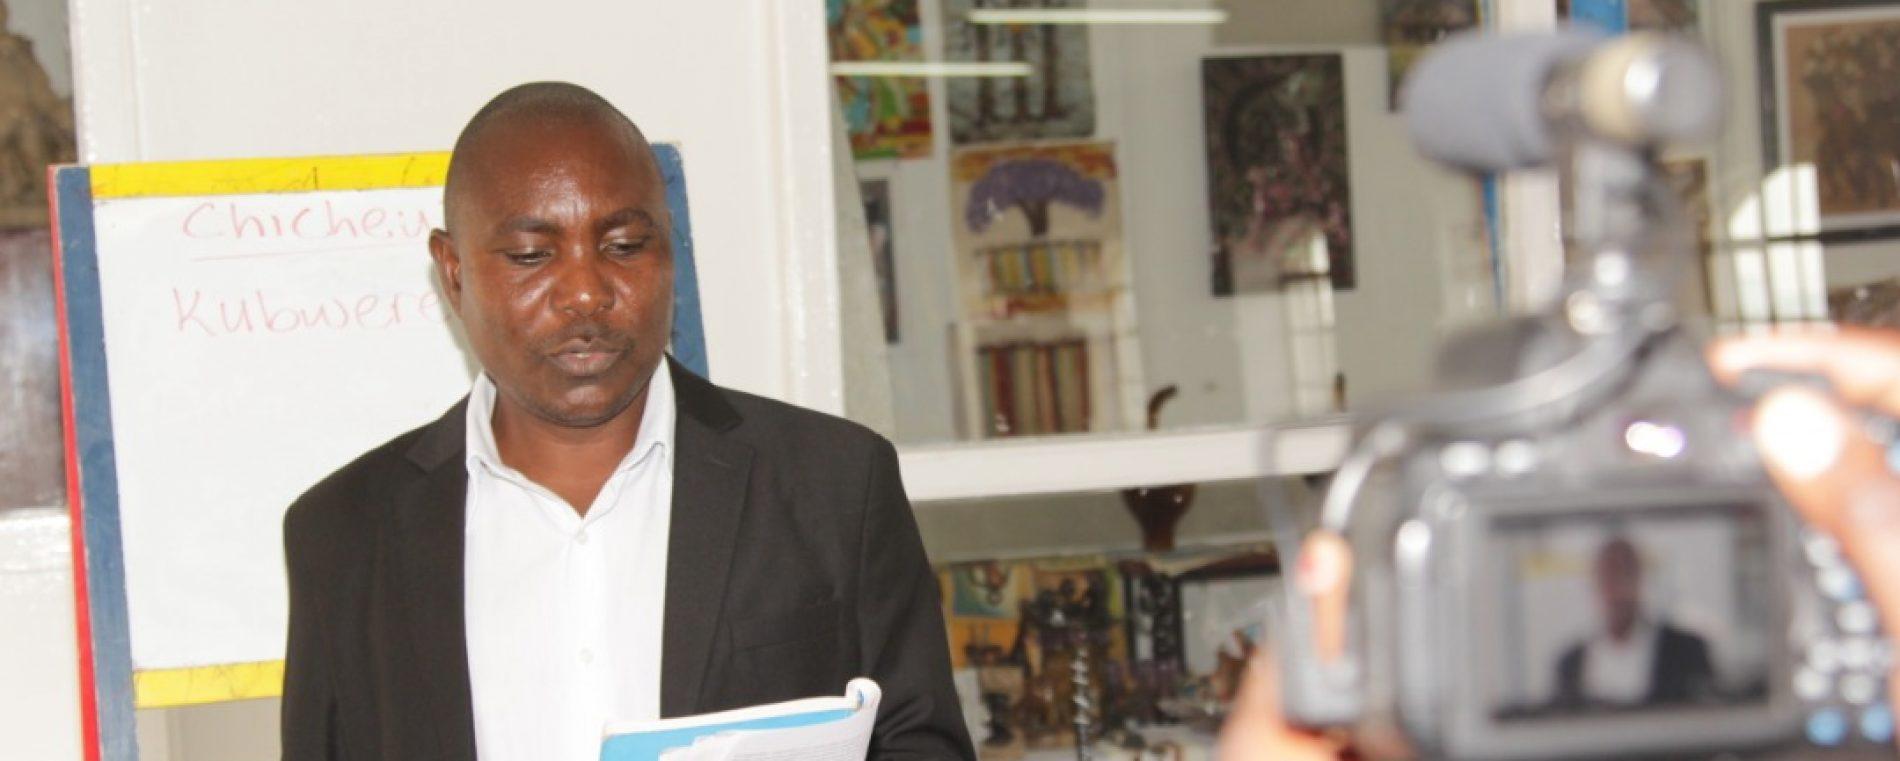 The Malawi Learning Partnership